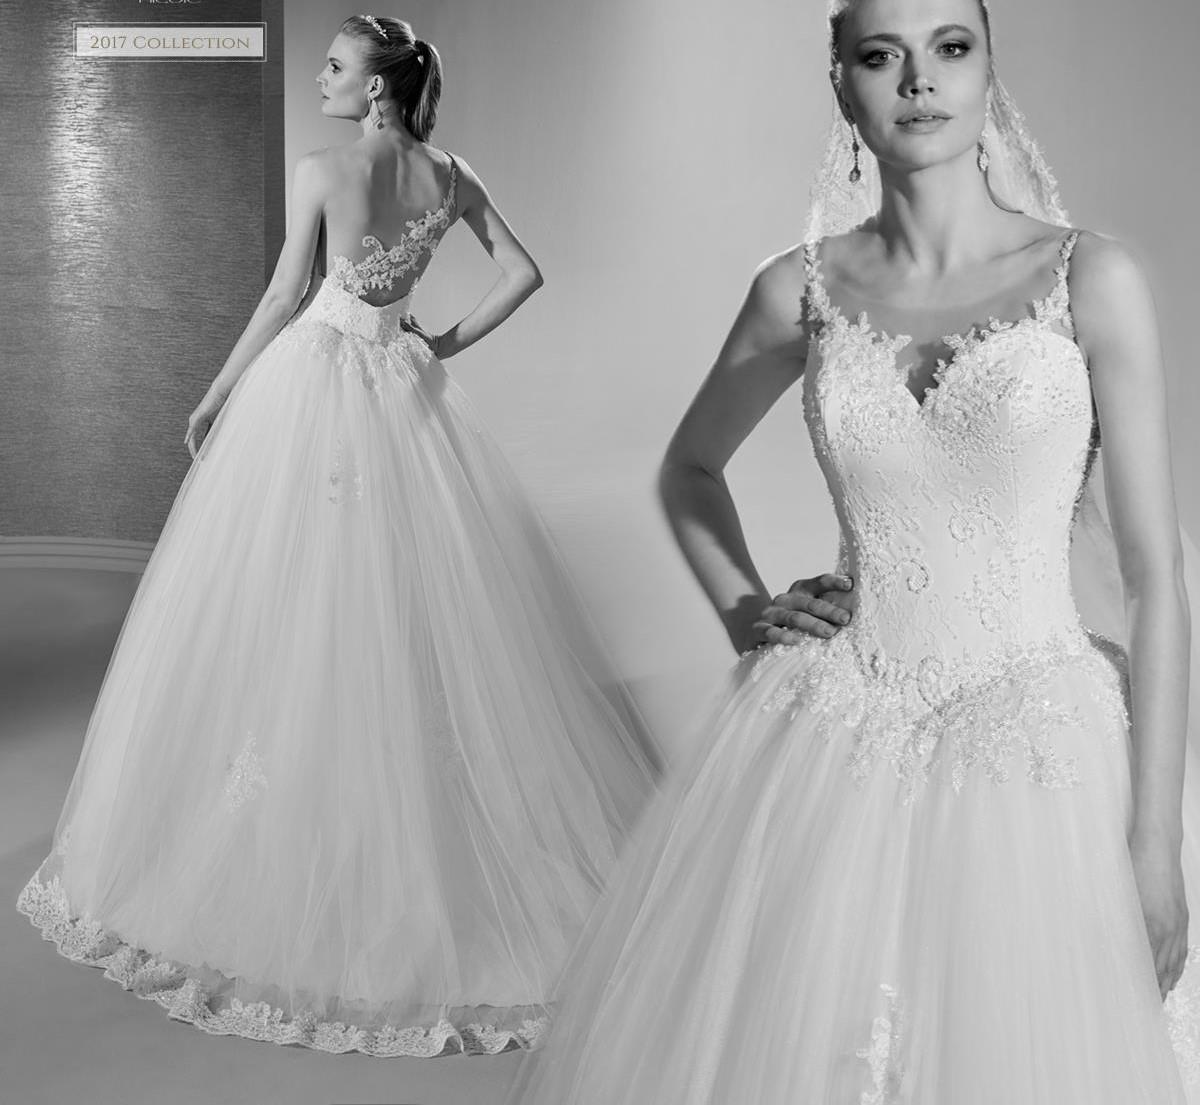 finest selection 51f42 7e283 abito sposa da sogno | Offerte e promozioni | Abiti da Sposa